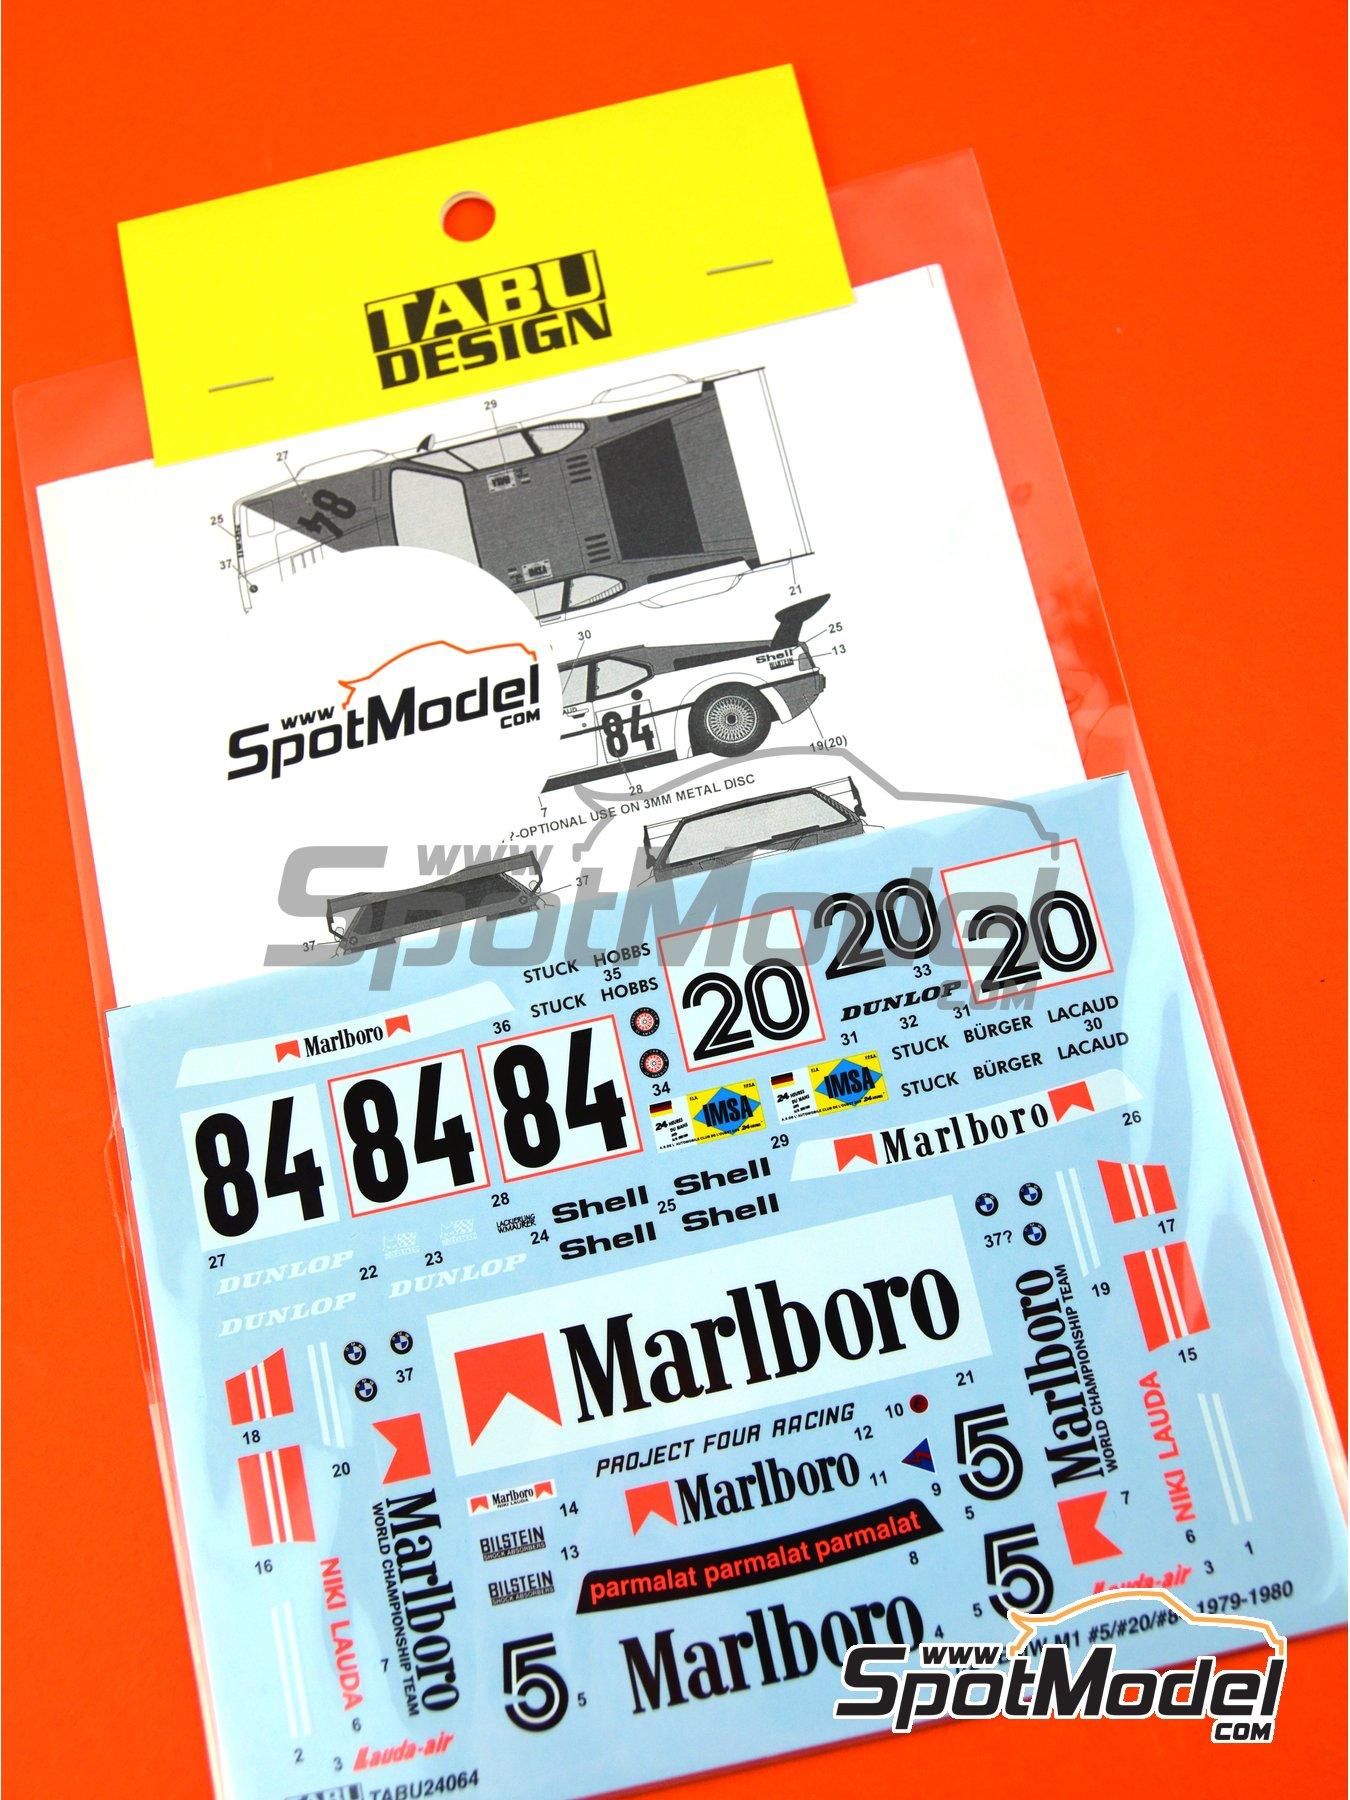 BMW M1 Grupo A Marlboro - Campeonato Procar 1979  y 1980 | Decoración en escala1/24 fabricado por Tabu Design (ref.TABU24064) image